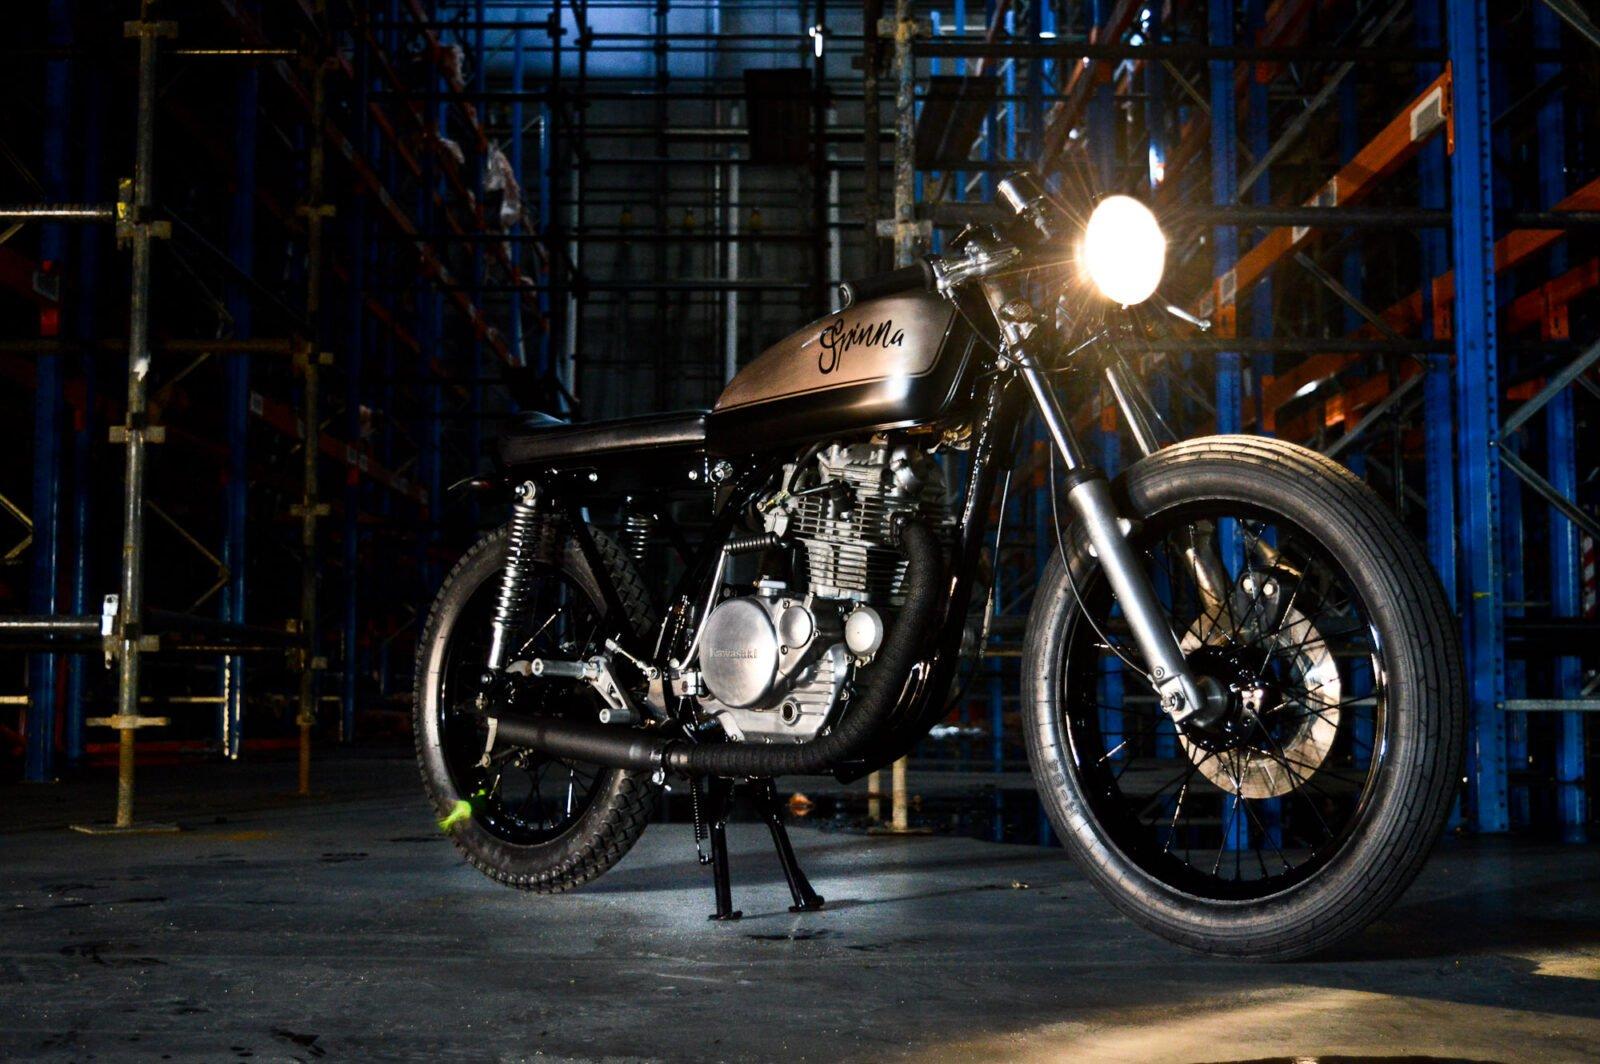 Kawasaki KZ200 6 1600x1064 - Kawasaki KZ200 by Gasoline Motor Co.